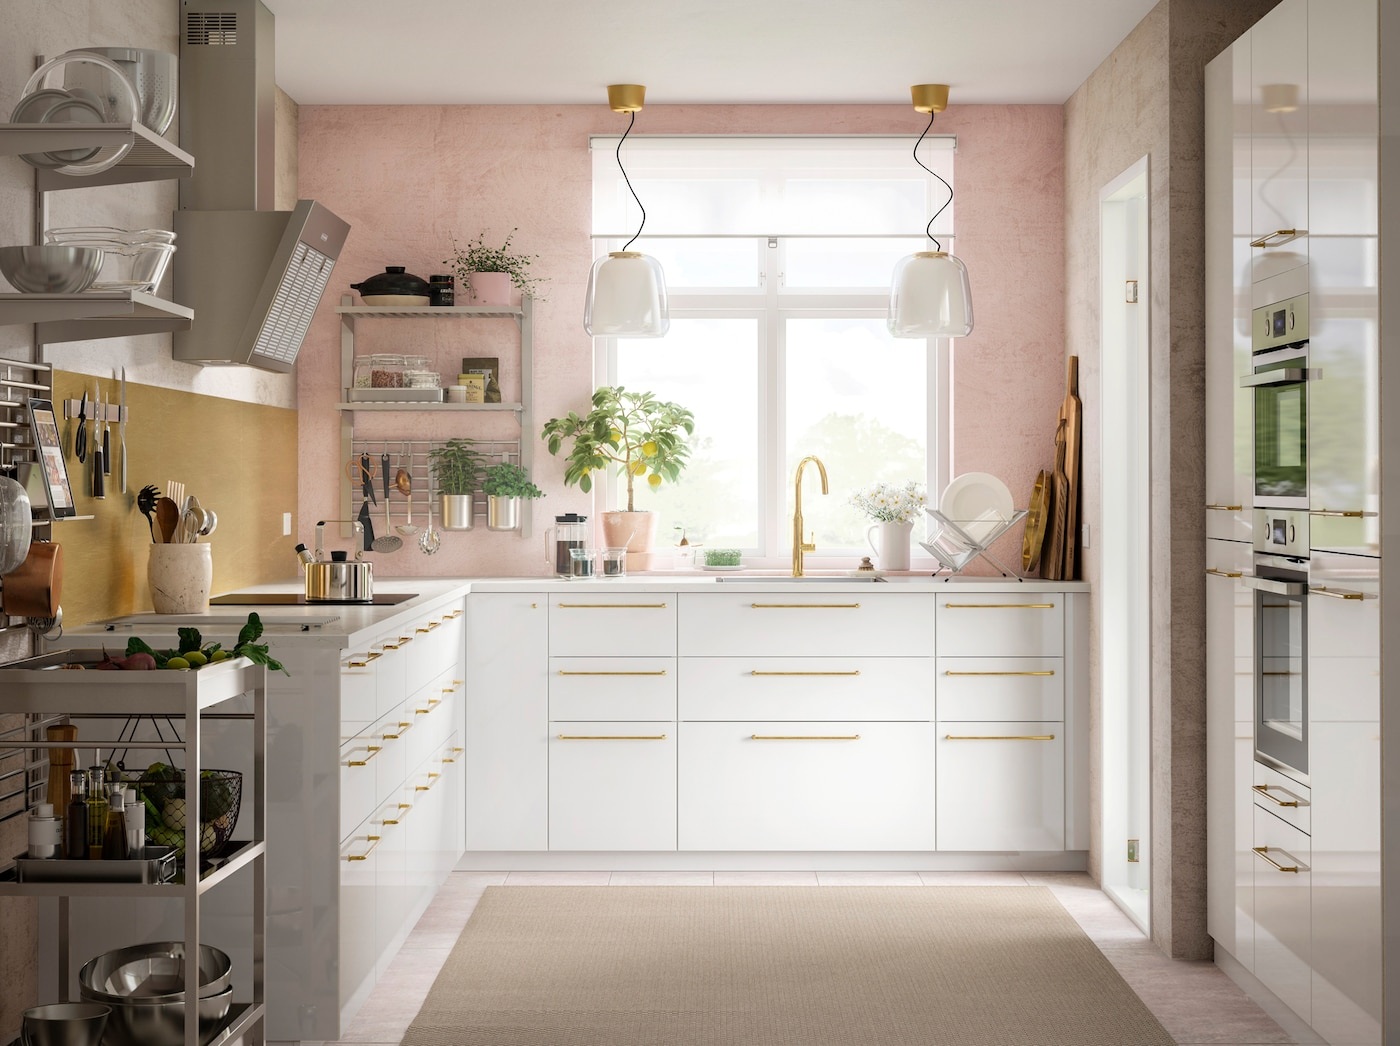 Серия рейлингов и полок КУНГСФОРС — это решение для открытого хранения на кухне, где не получается разместить много навесных шкафов.